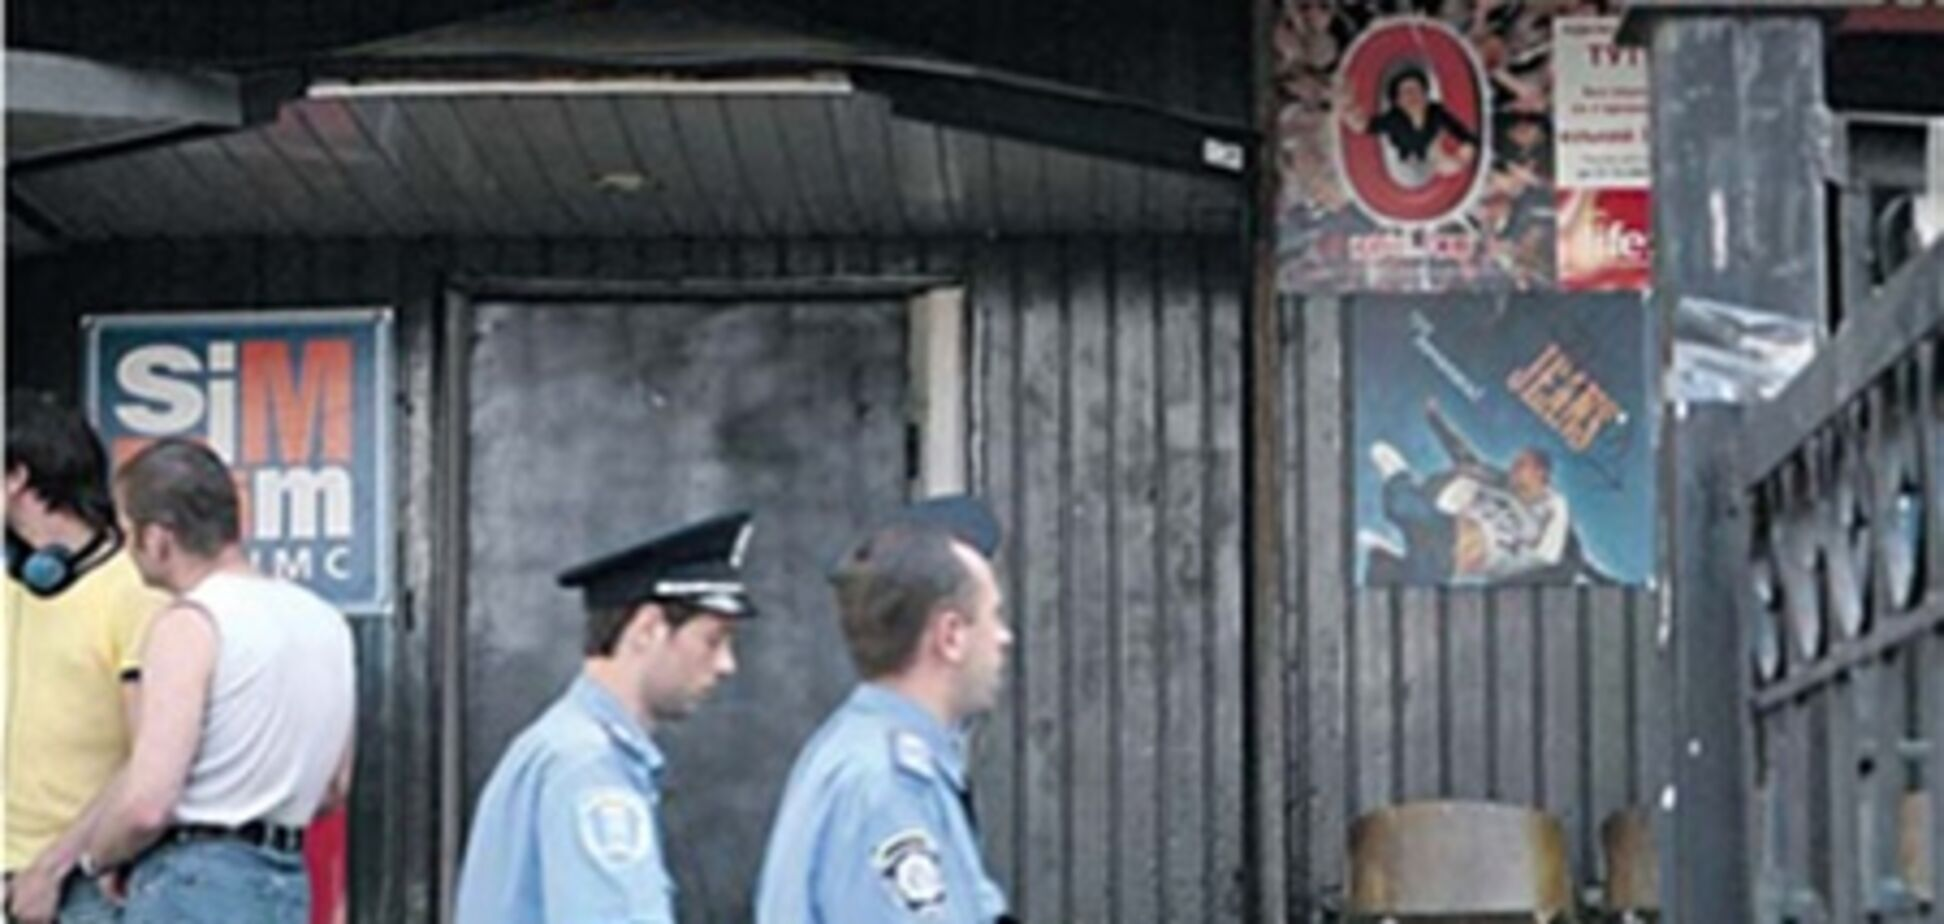 На киевском радиорынке 'Караваевы дачи' заложили три бомбы